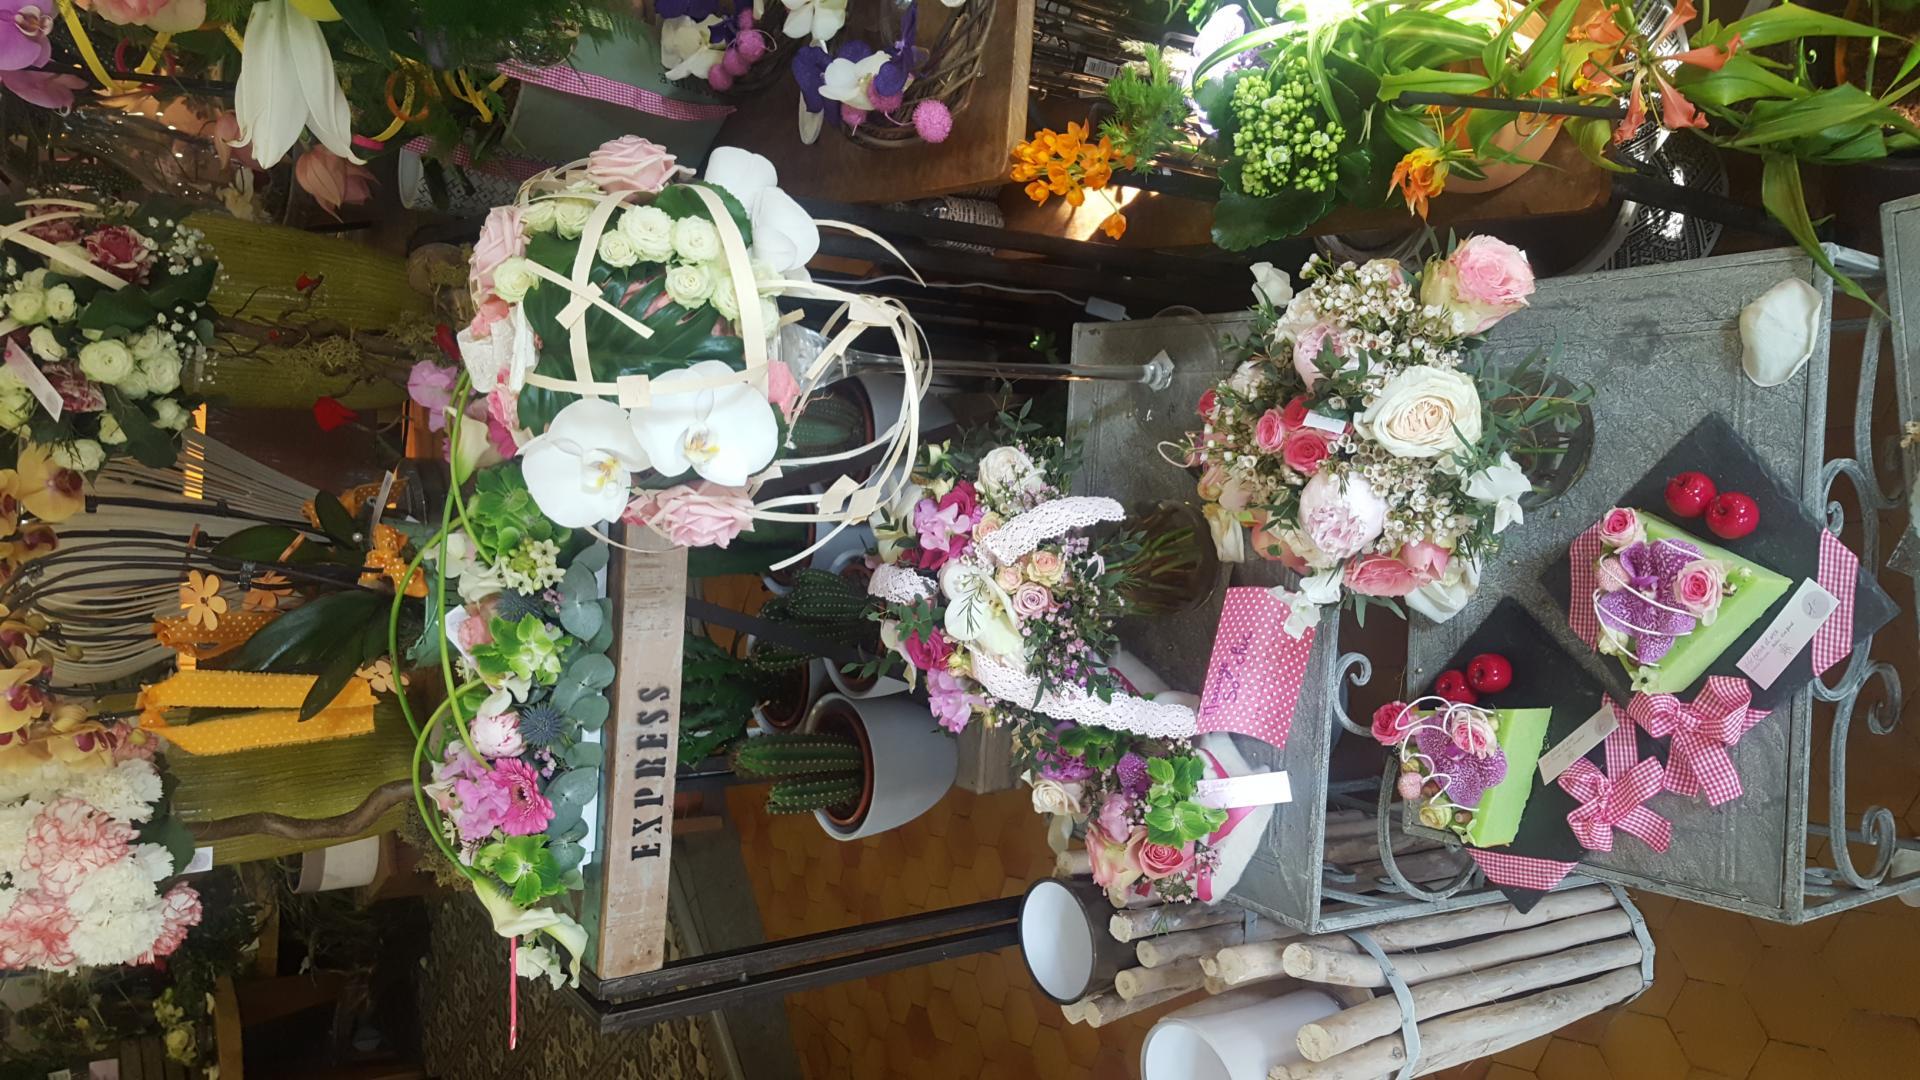 Mariage chic Valenciennes fleuriste hé fleur et moi bouquet de mariée Hainaut Denain Le quesnoy la sentinelle valenciennois petite foret Anzin